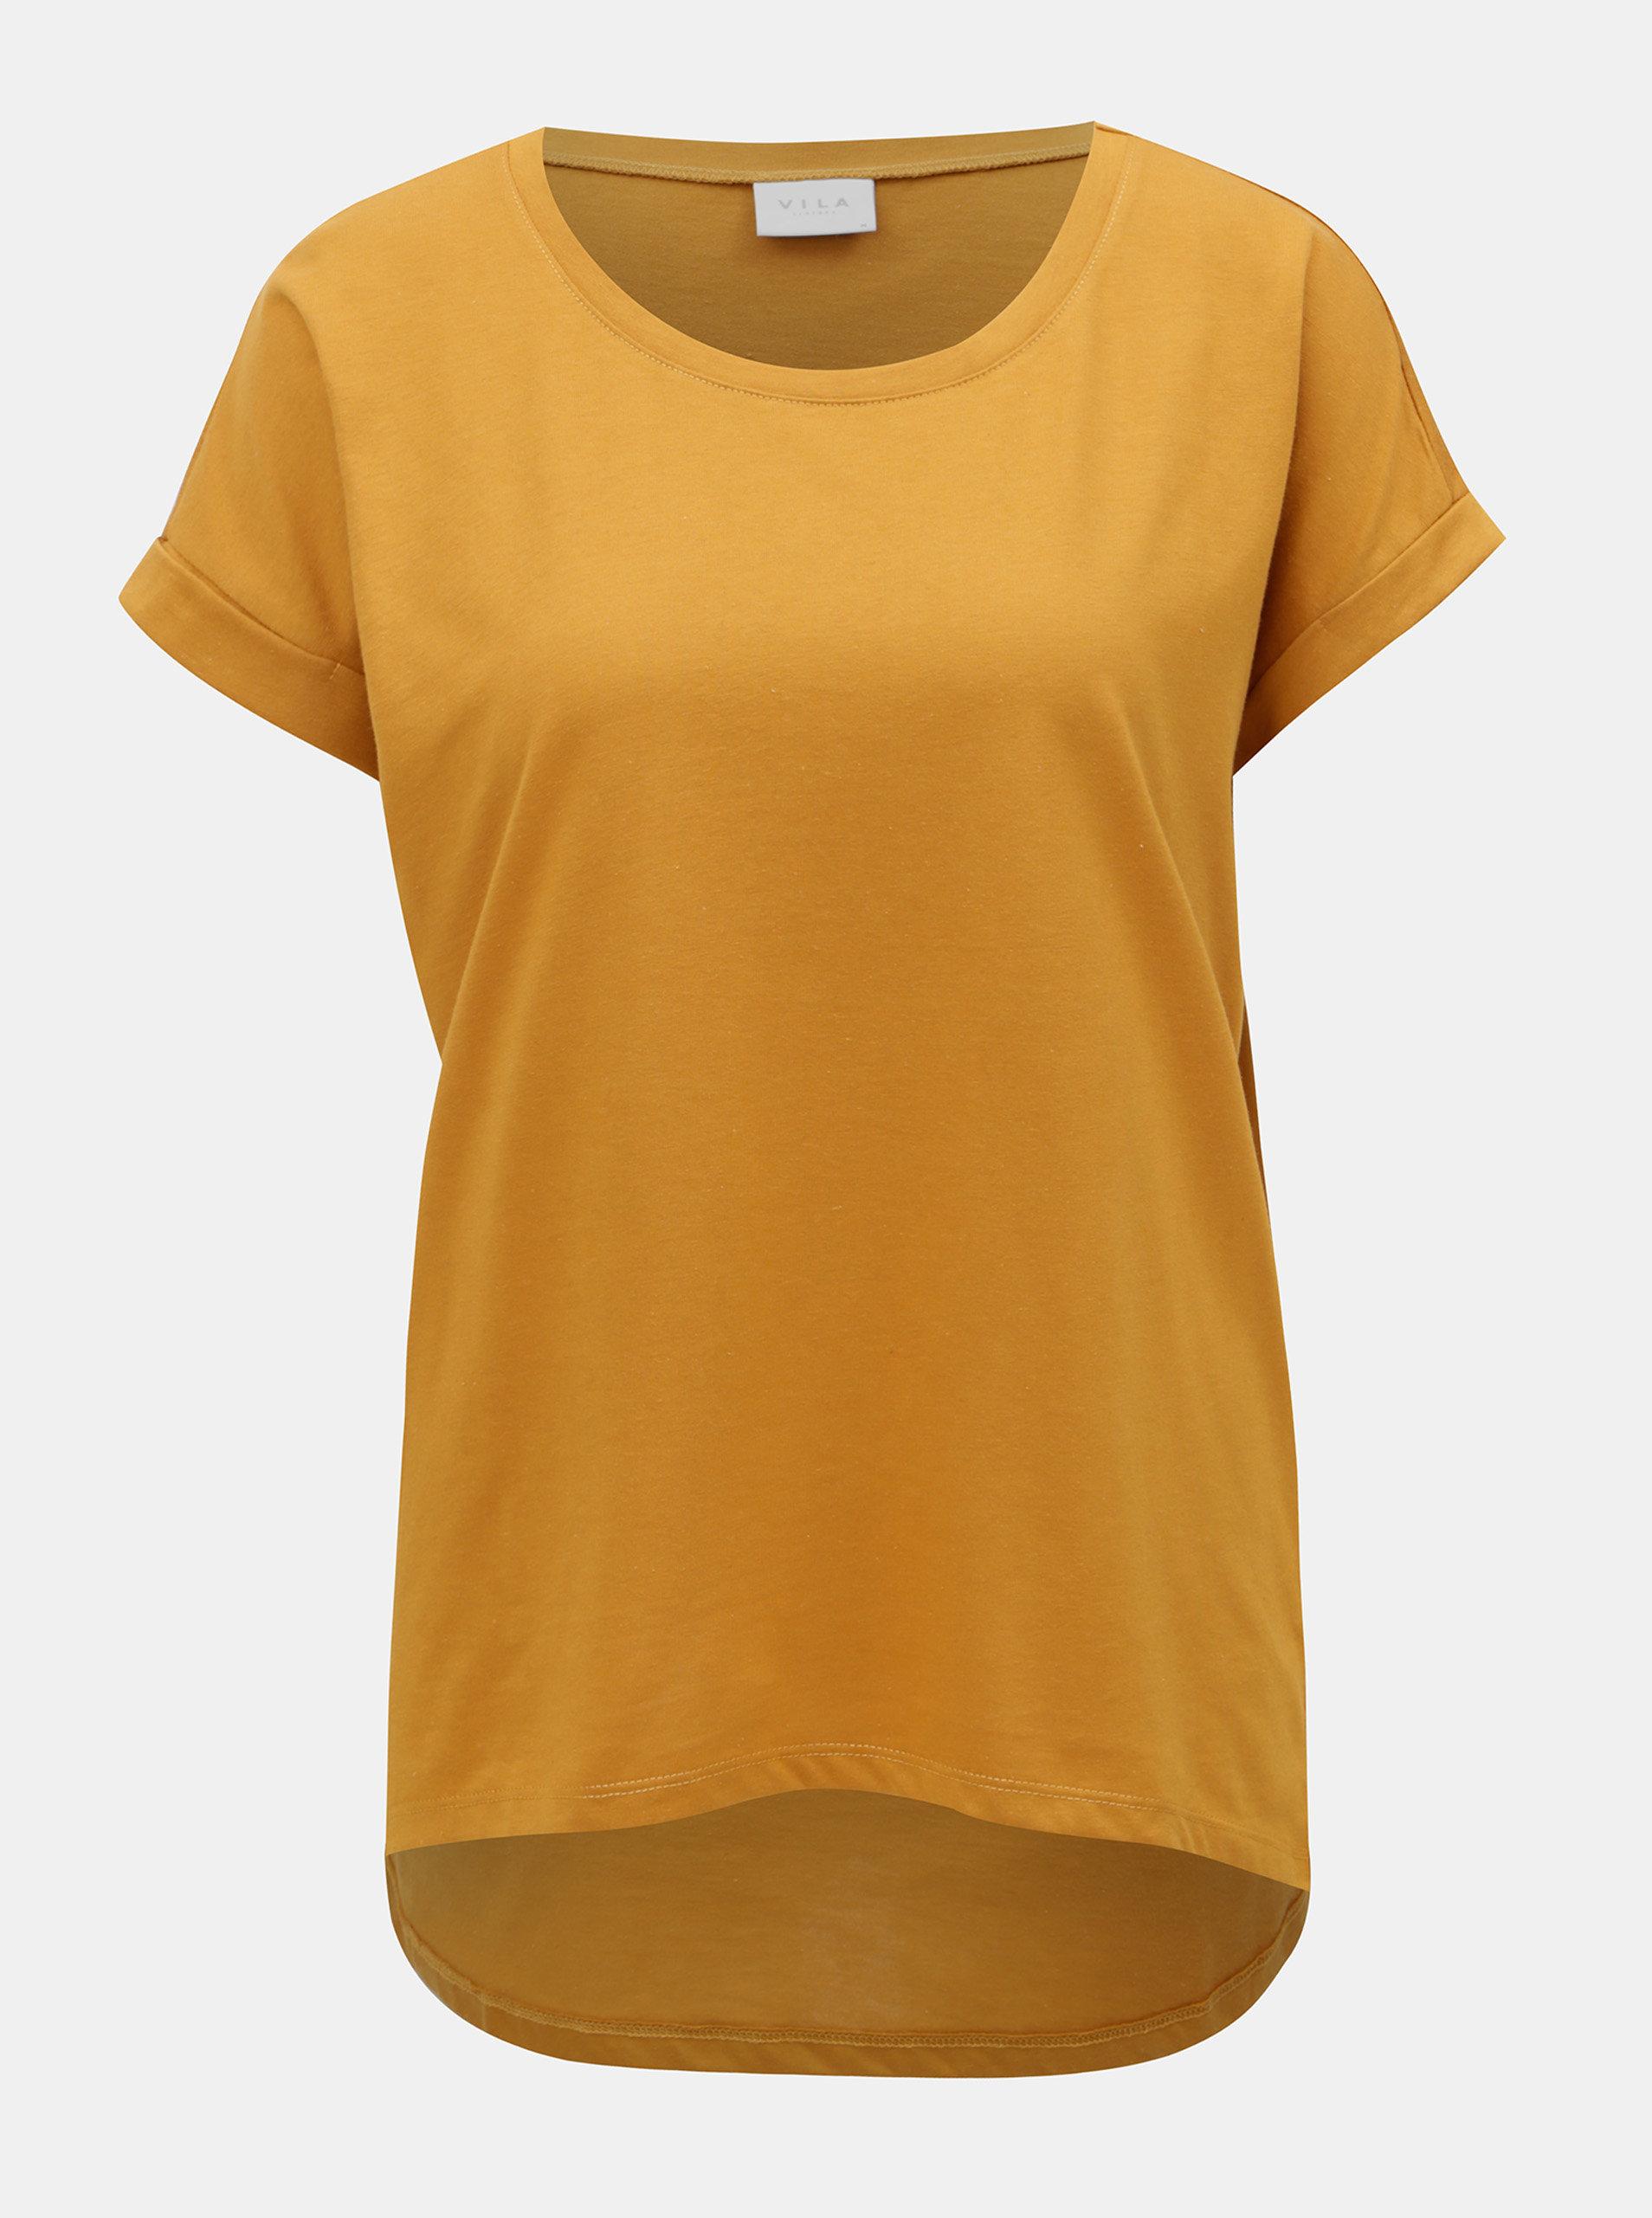 Hořčicové tričko VILA Dreamers